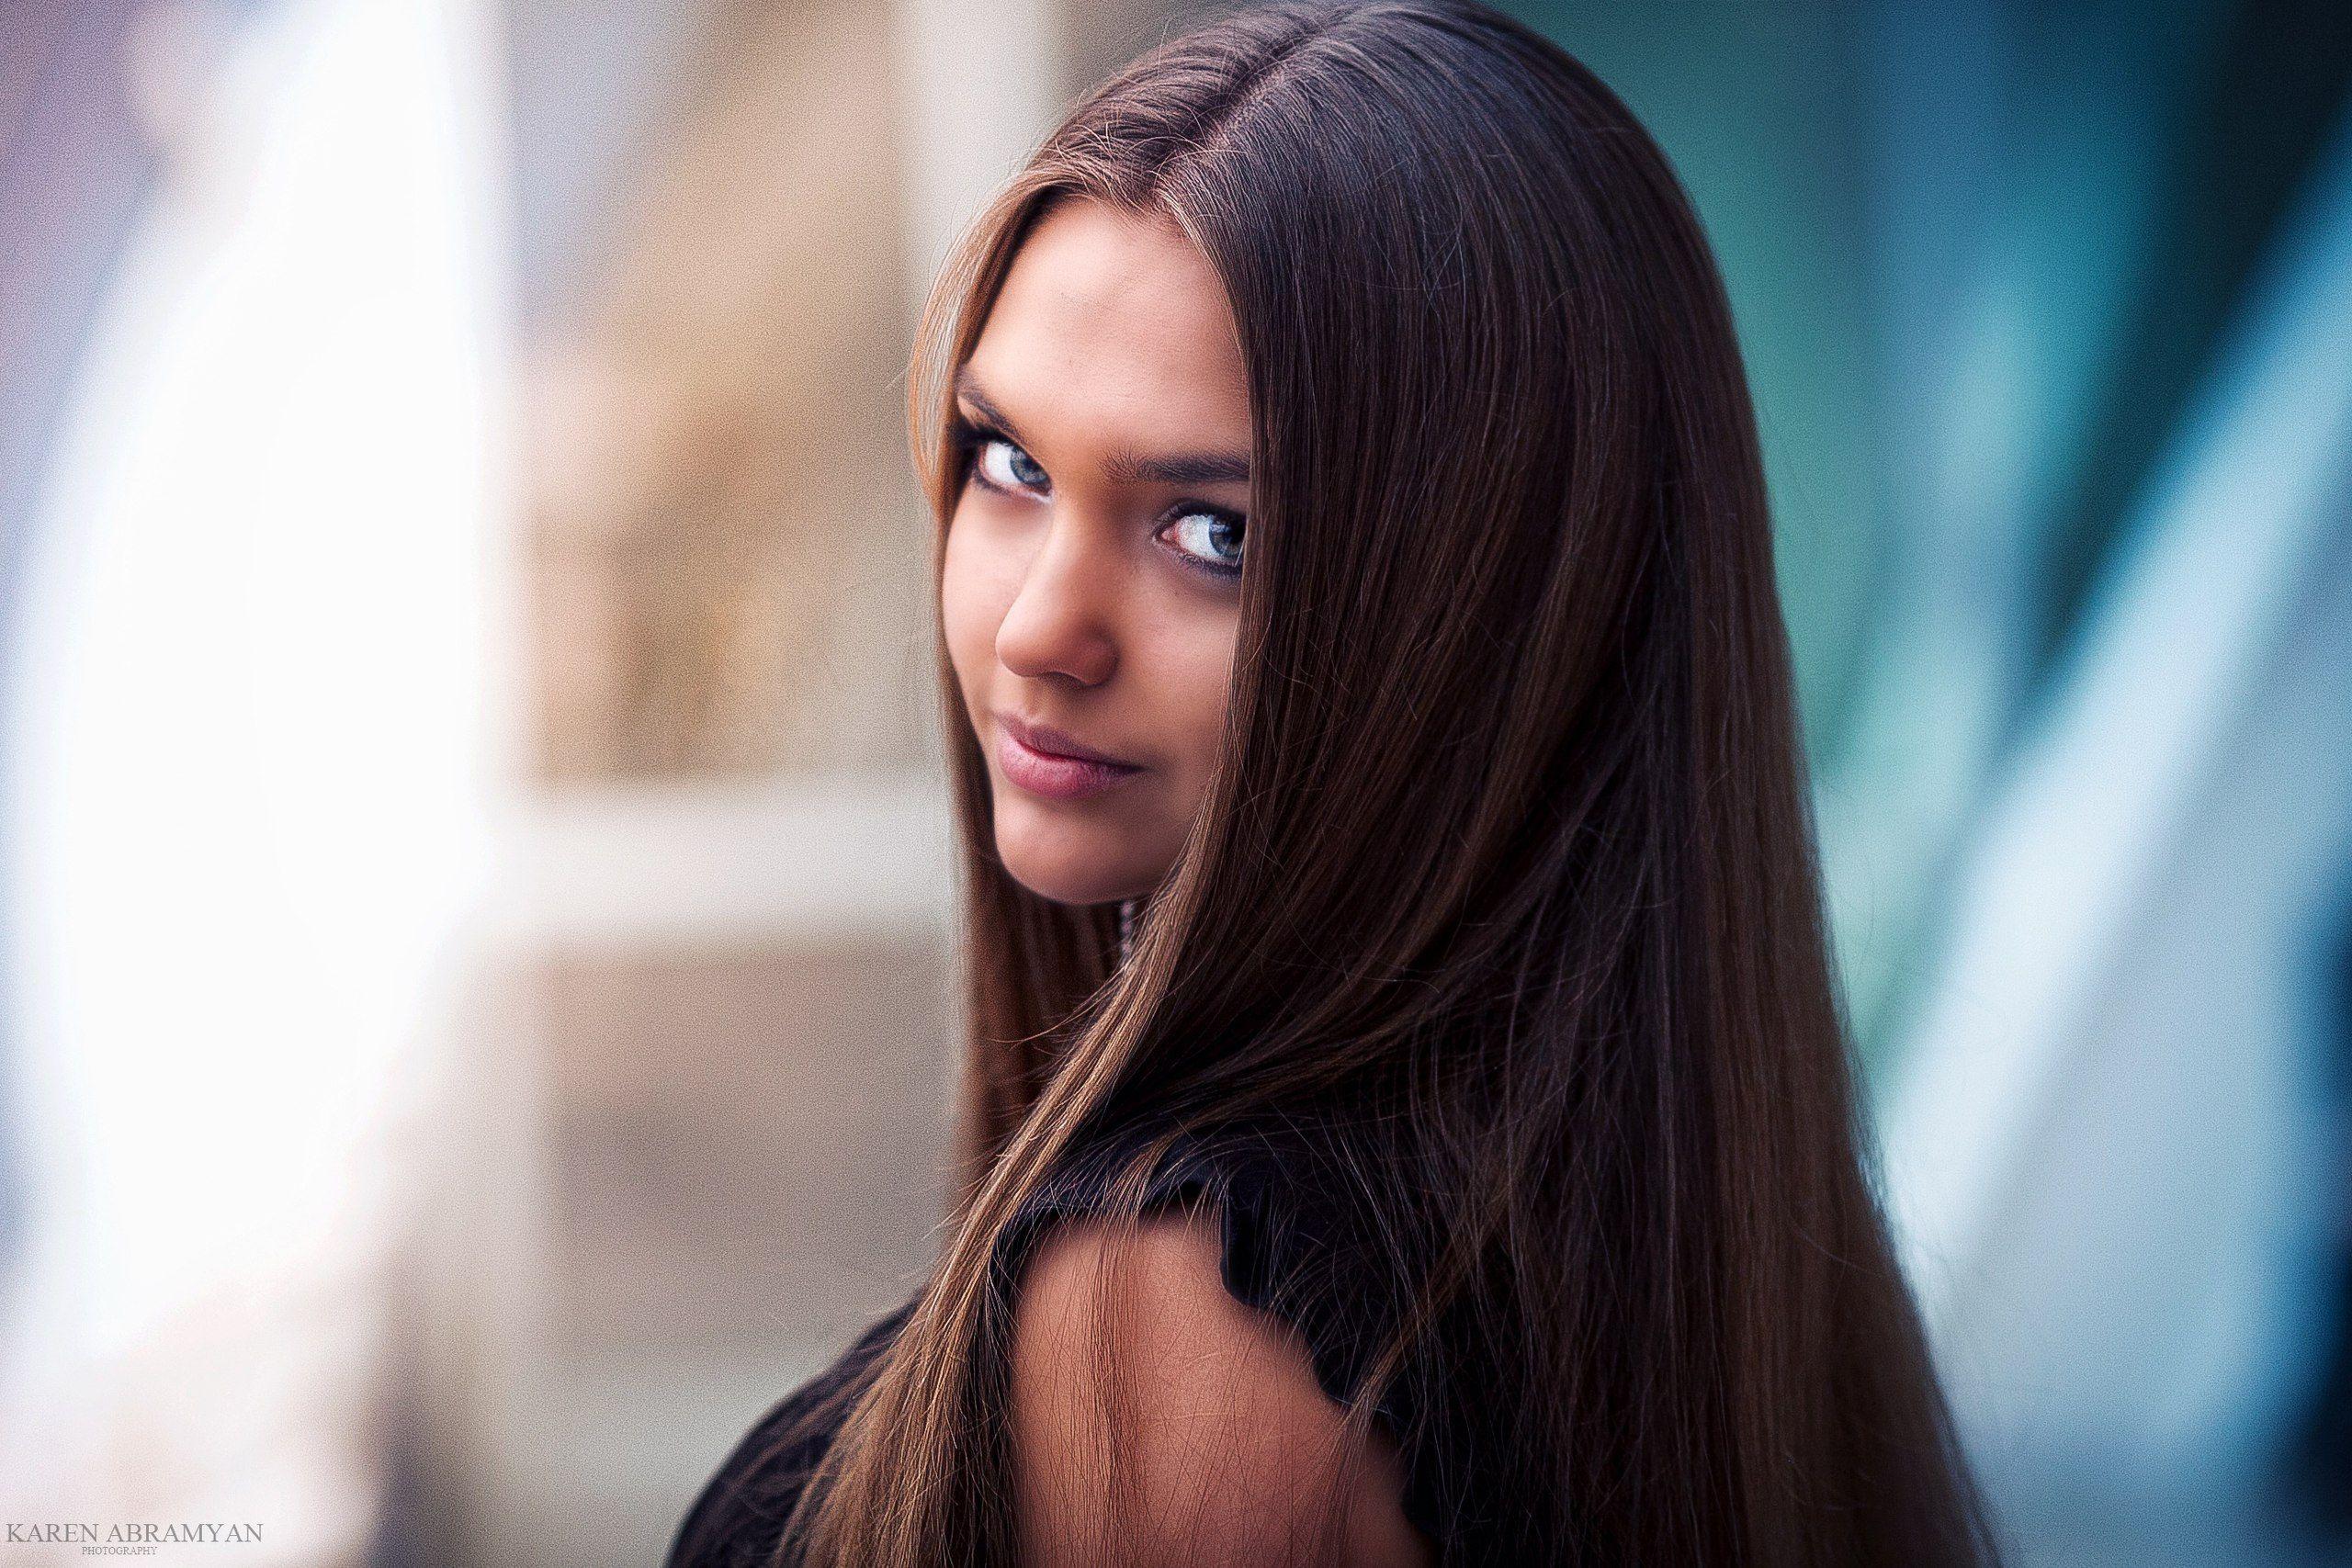 karen abramyan,portrait,girl,hair,eyes, Abramyan Karen